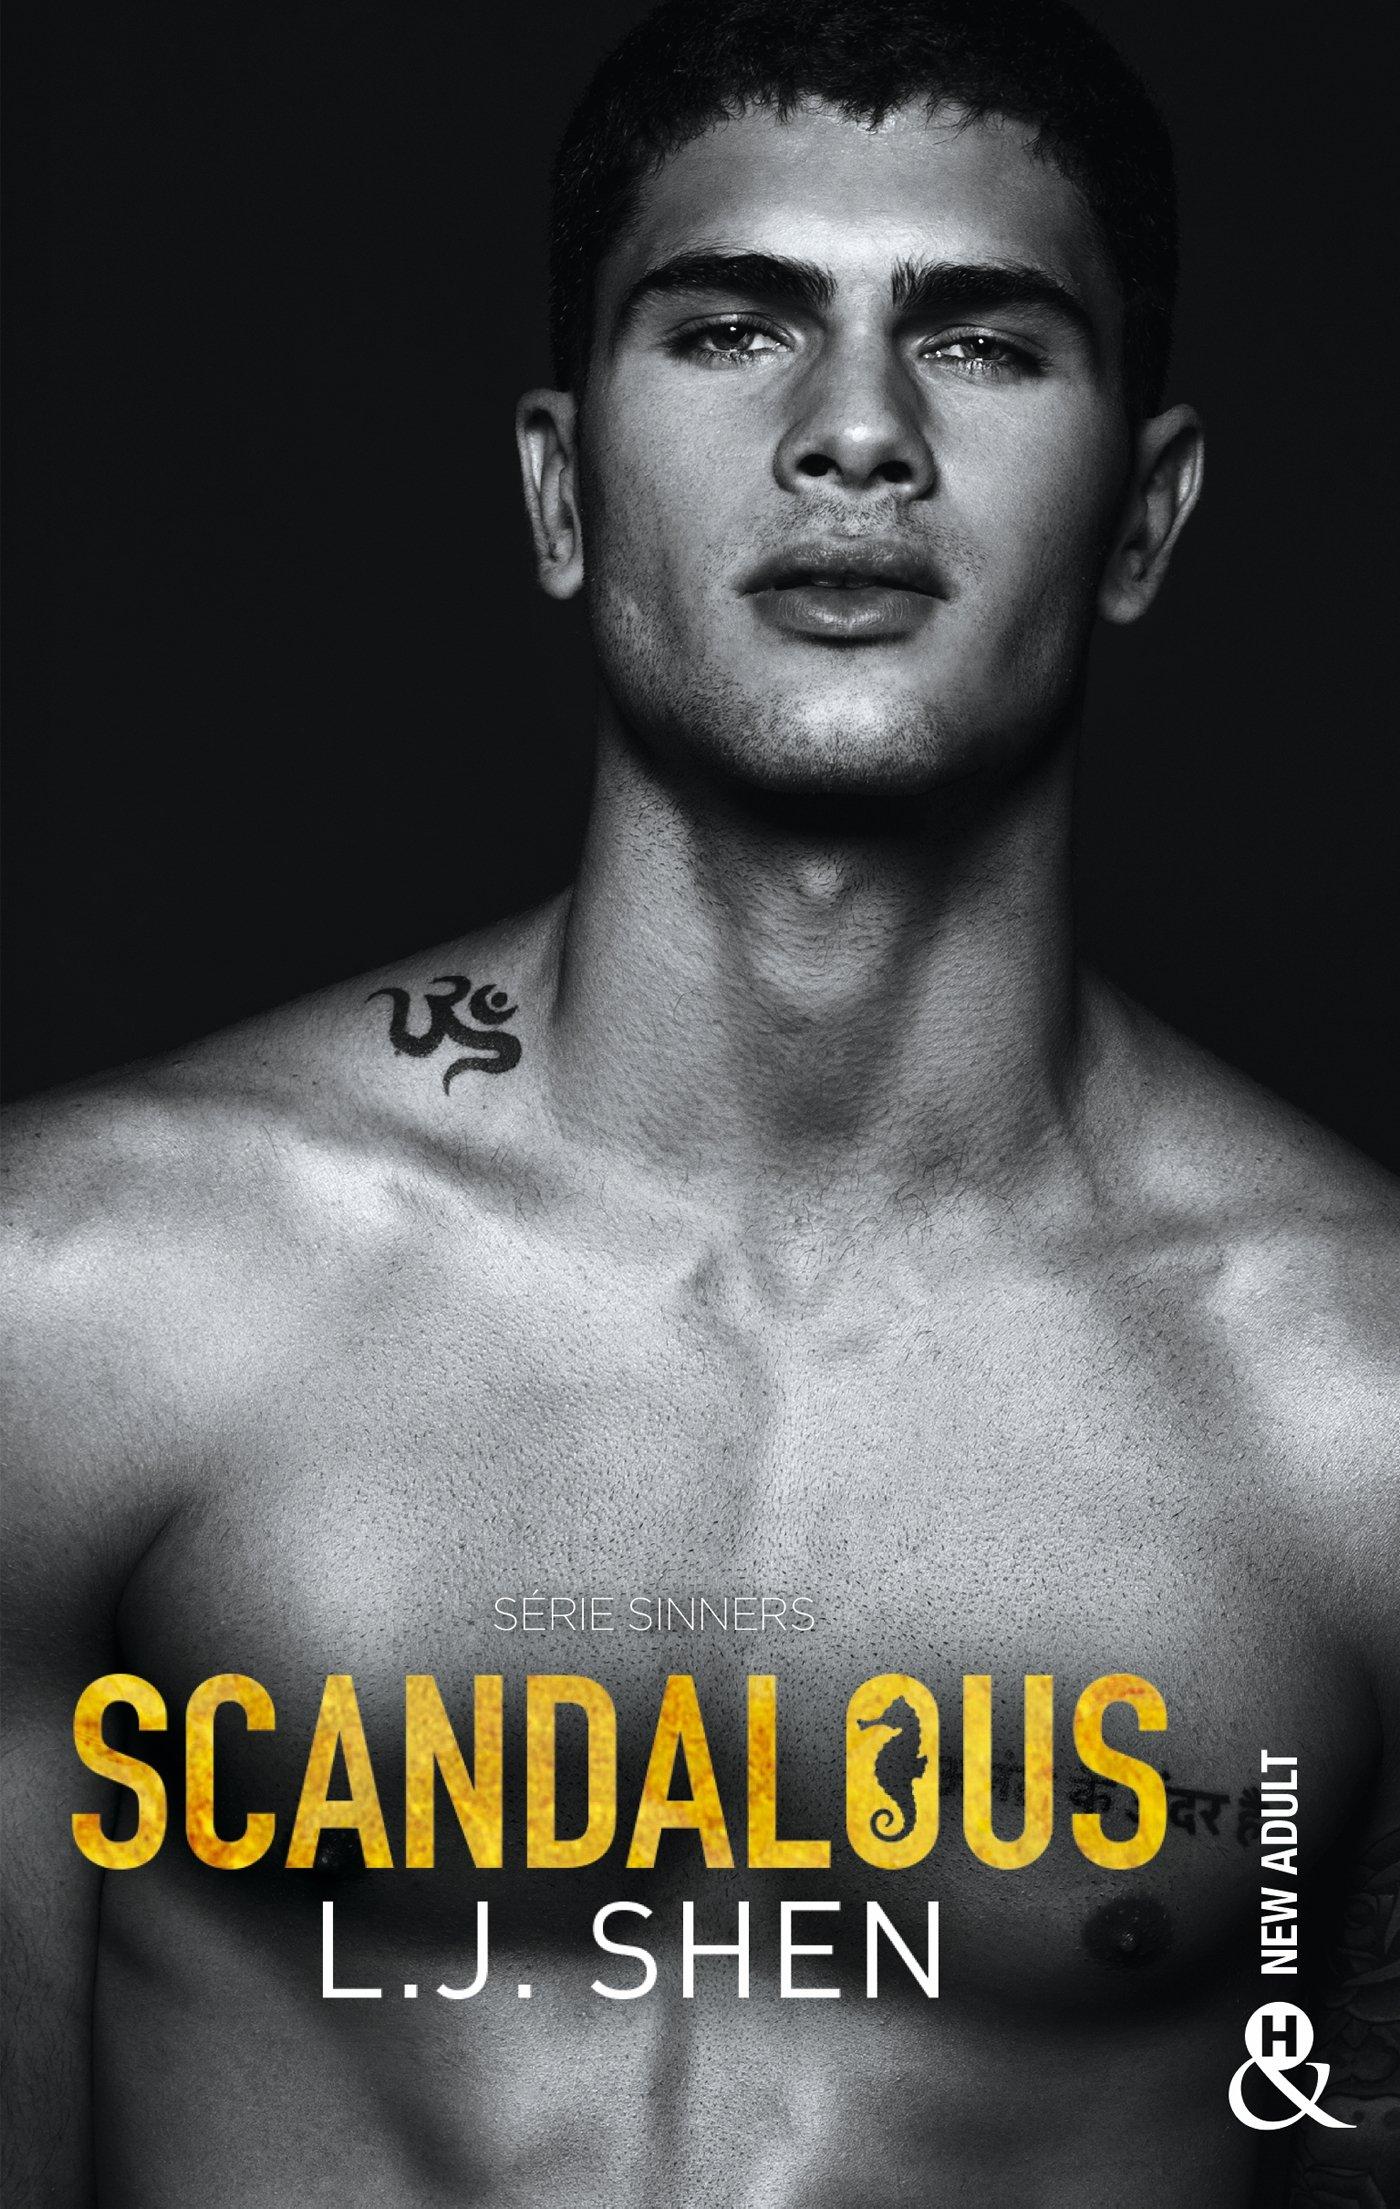 scandalous?tid=c5999296ba02dc7e4d282017c47ced46 - Sinners of Saint - Tome 3 : Scandalous de L.J Shen 91tOLLQFZaL